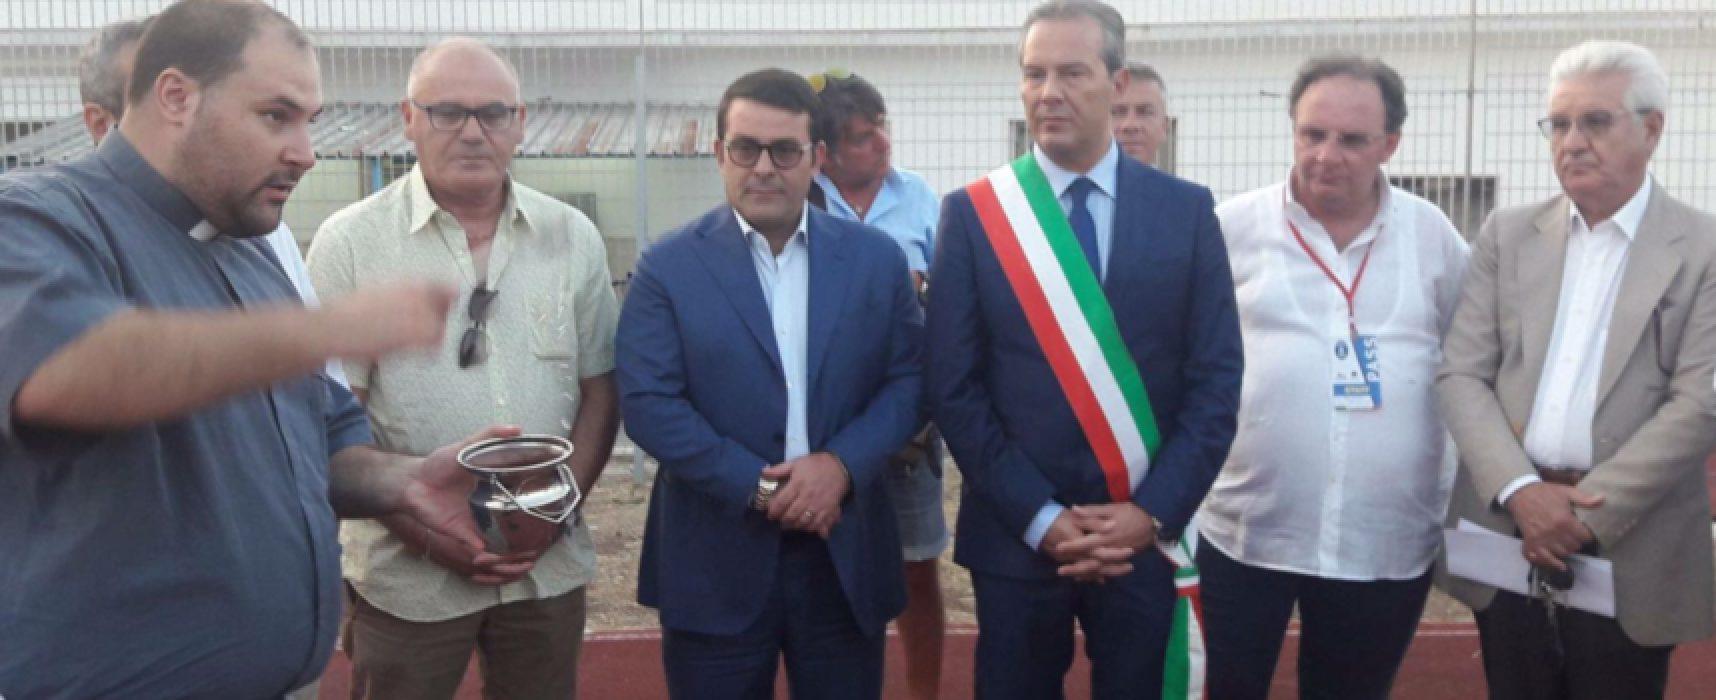 """Presentati i lavori al """"Ventura"""", """"procedure a tempo di record per giocare le prime partite"""""""